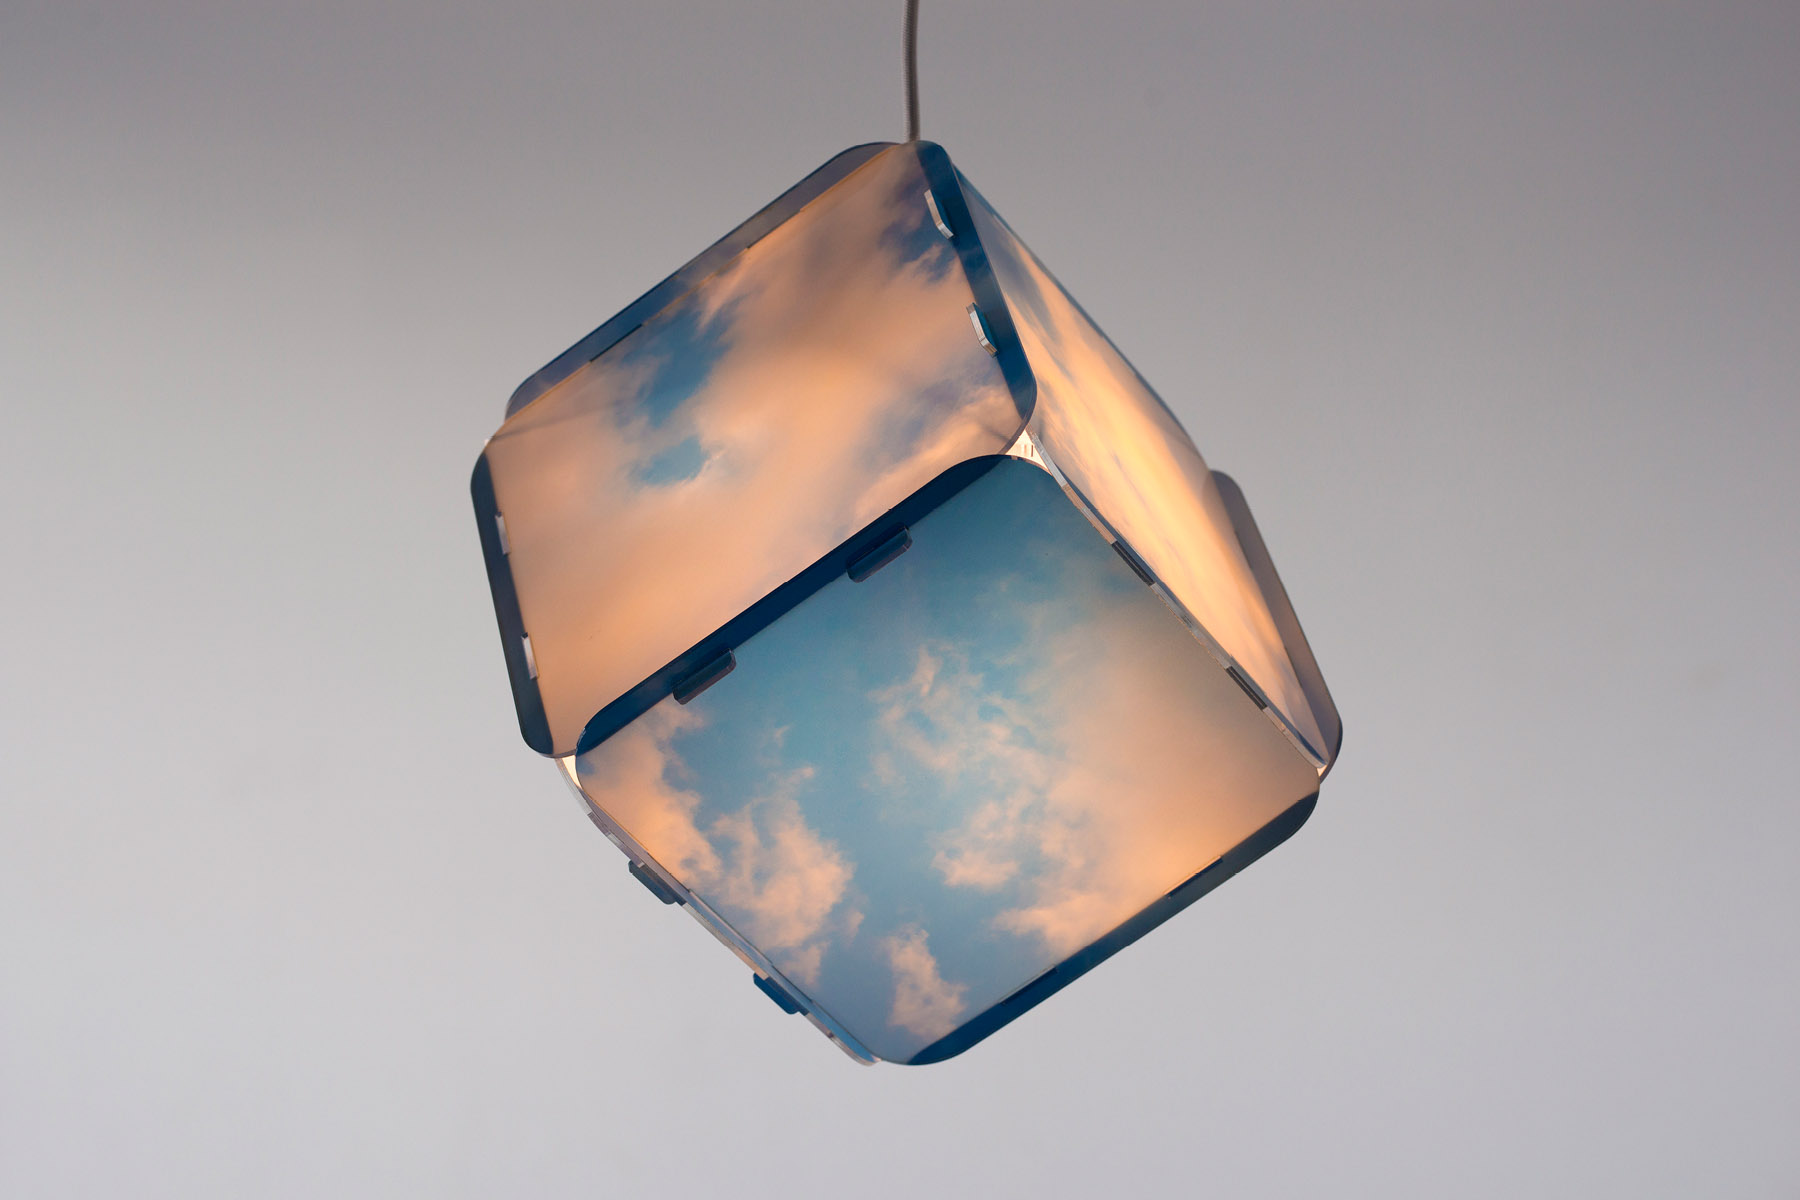 Lampe cubique imprimée, suspendue